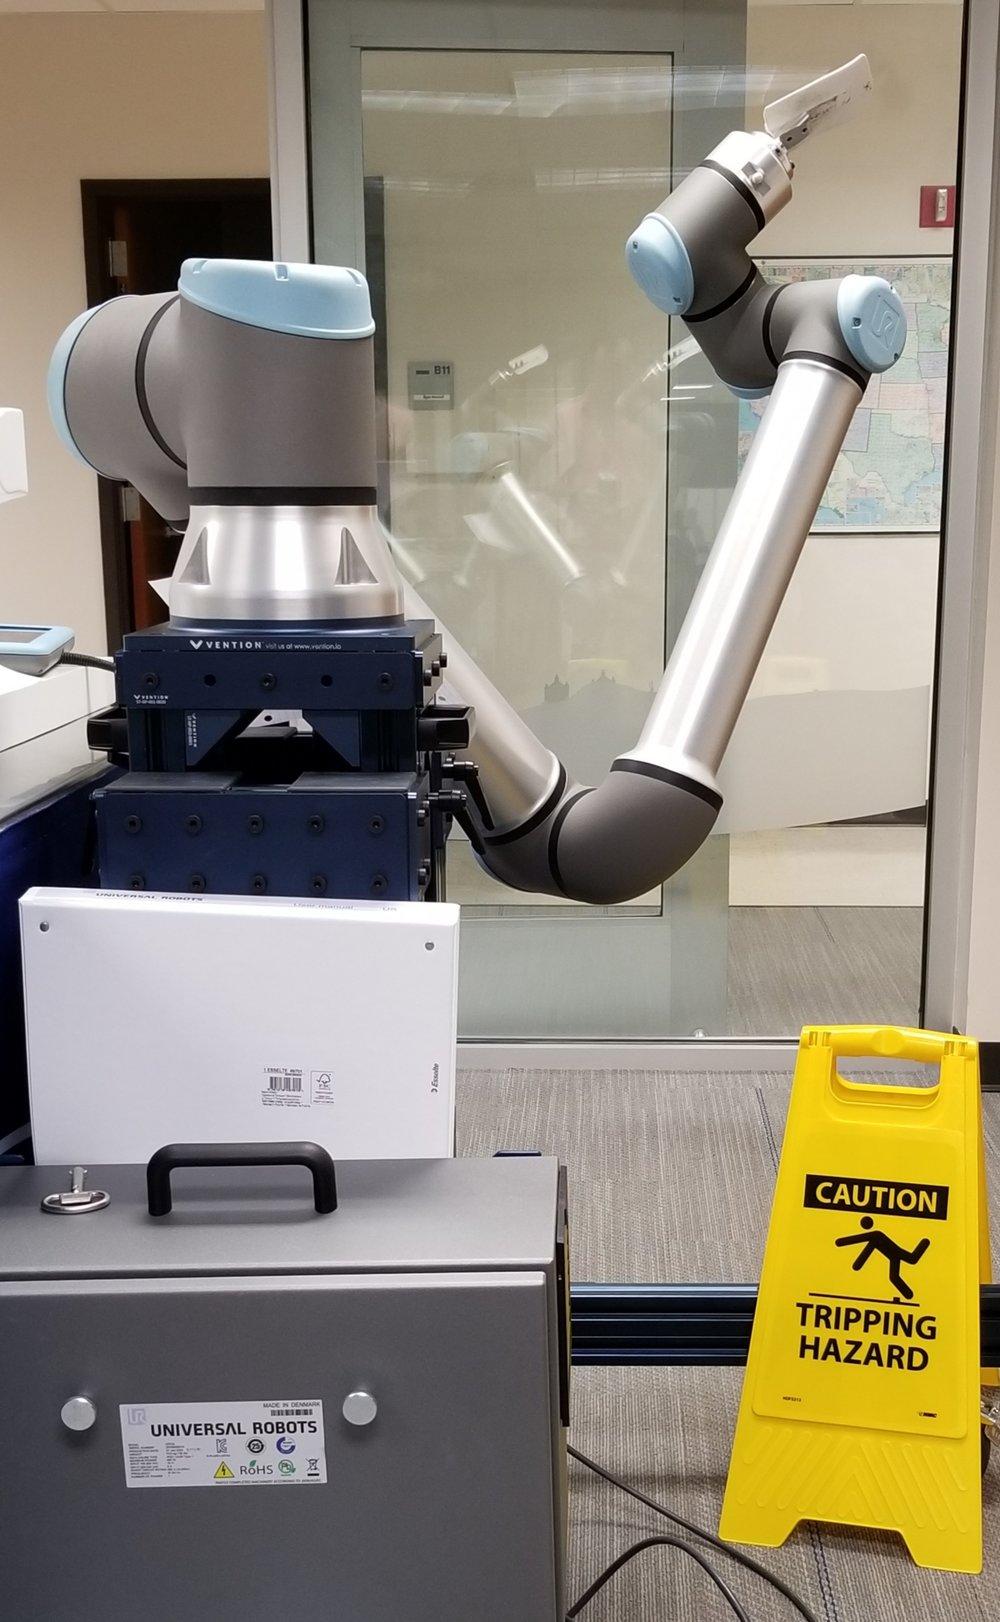 UR10 E-series in the SwRI collaborative lab